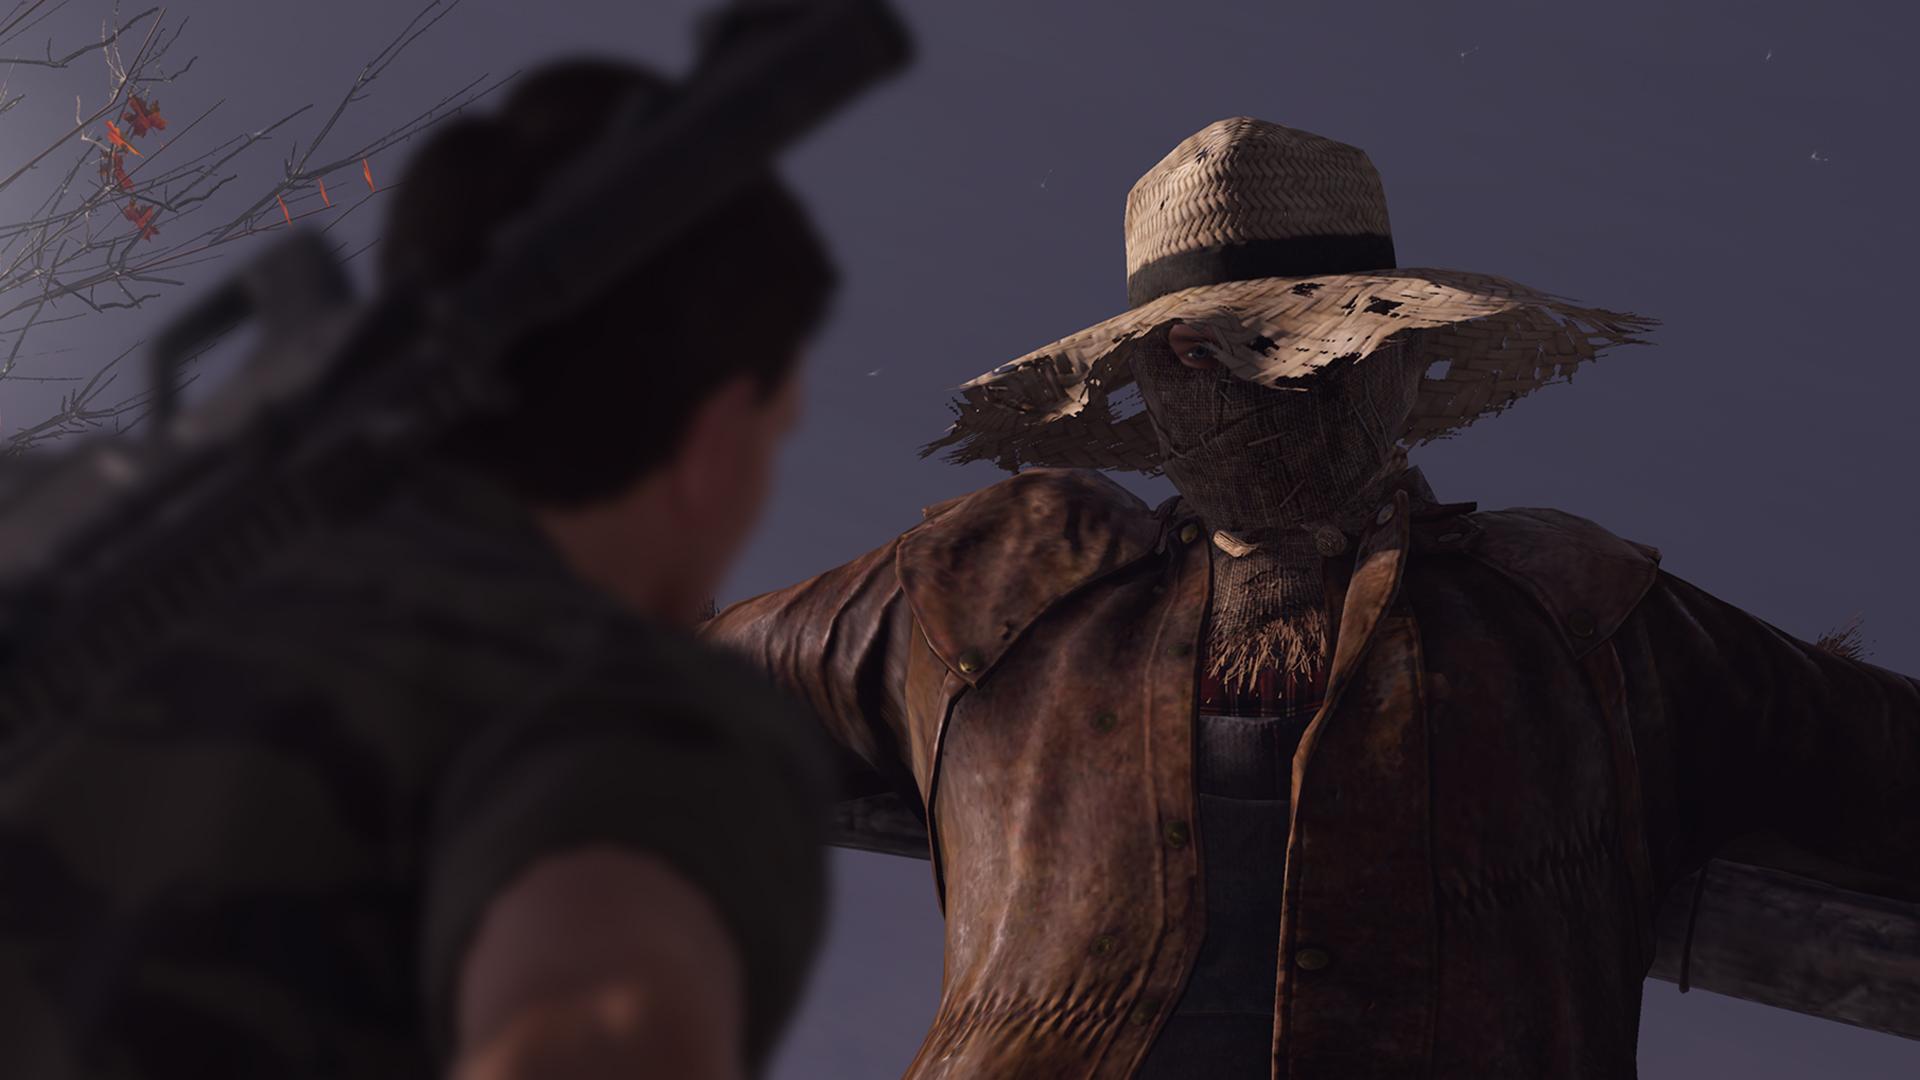 hitman-scarecrow-colorado.jpg